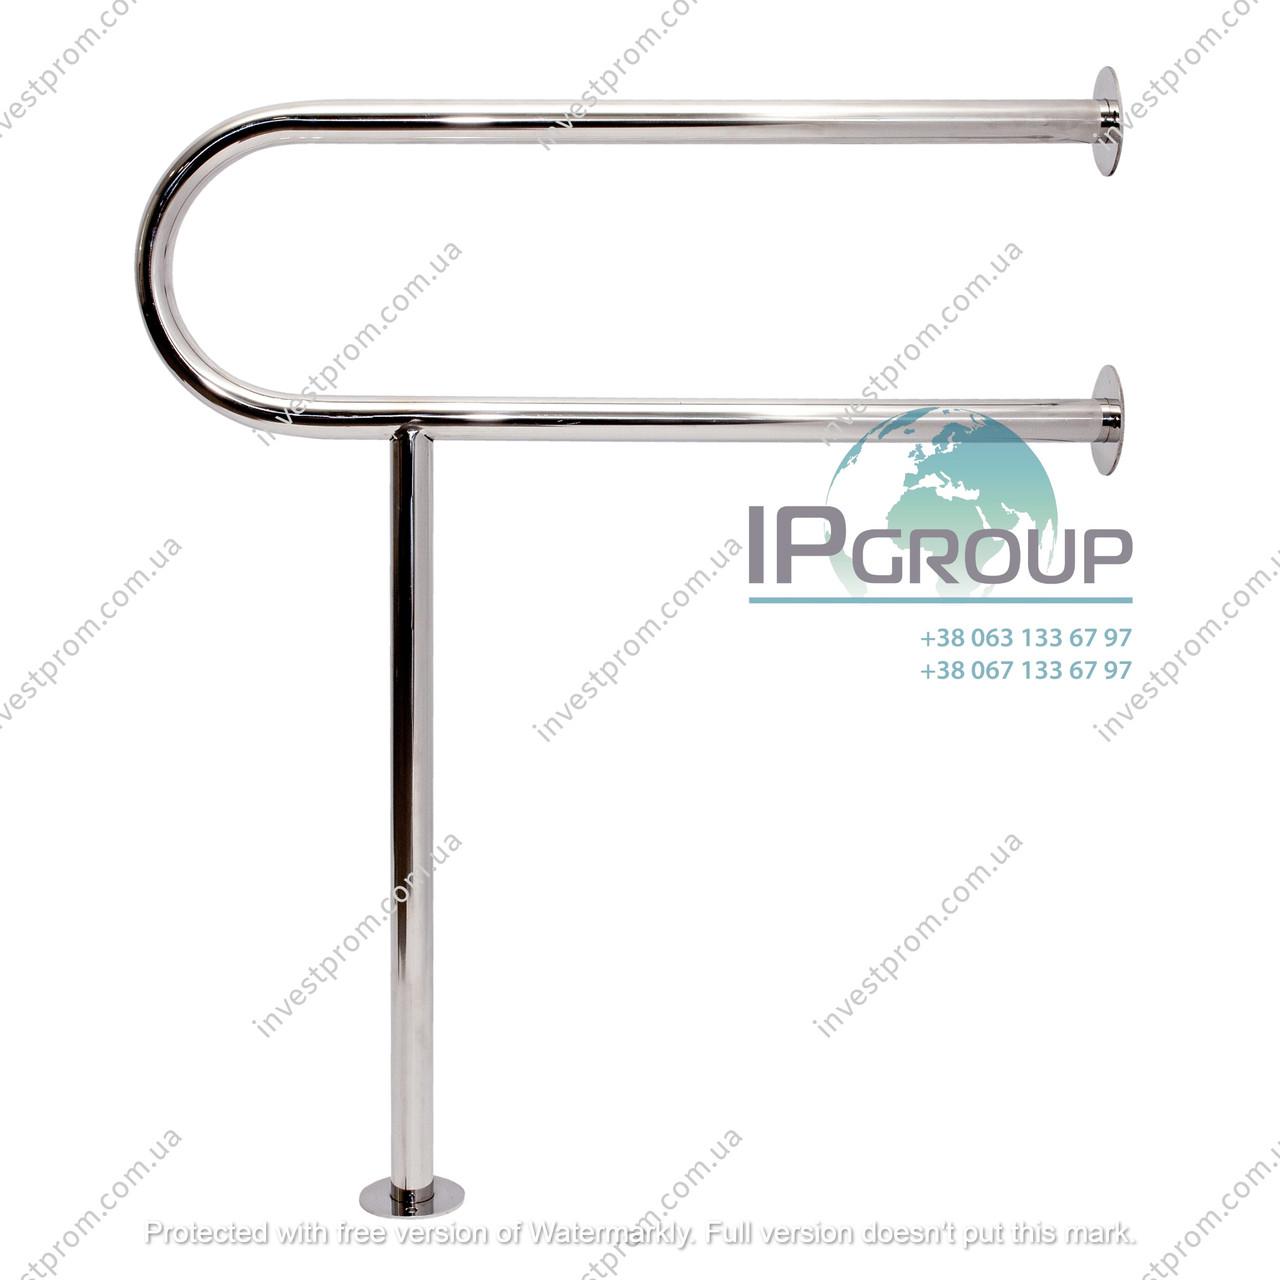 Поручни для инвалидов в туалет стена - пол, ручка ∅32 мм, нержавеющая сталь.